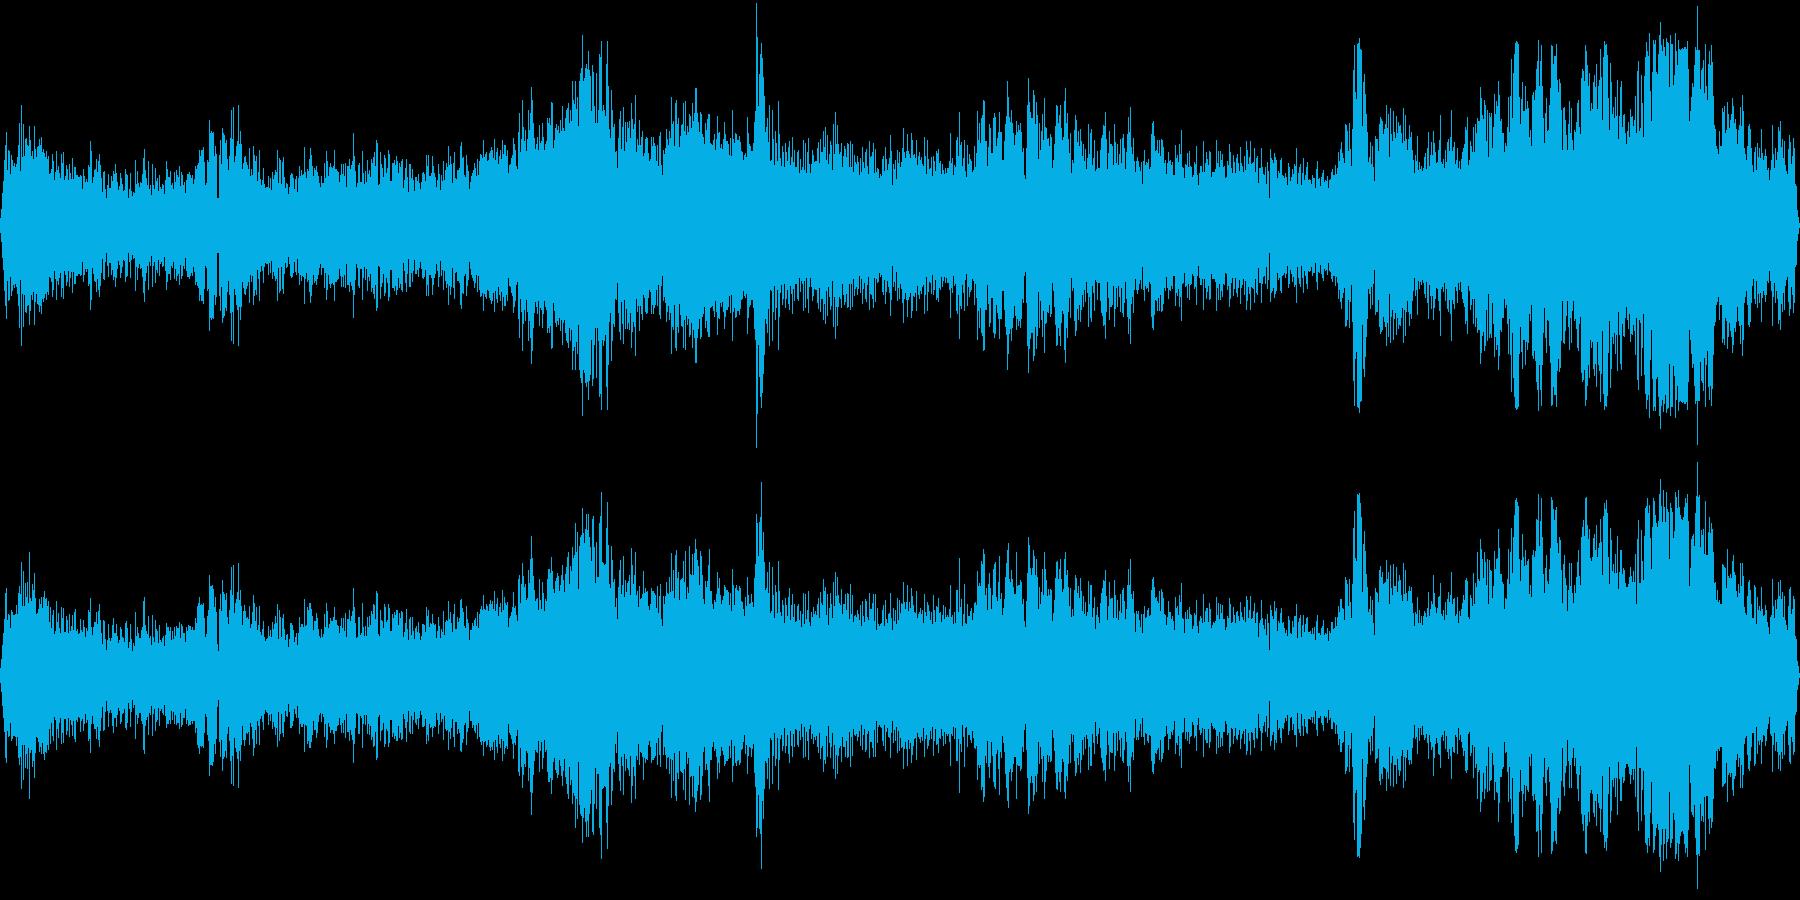 交差点(環境音)の再生済みの波形